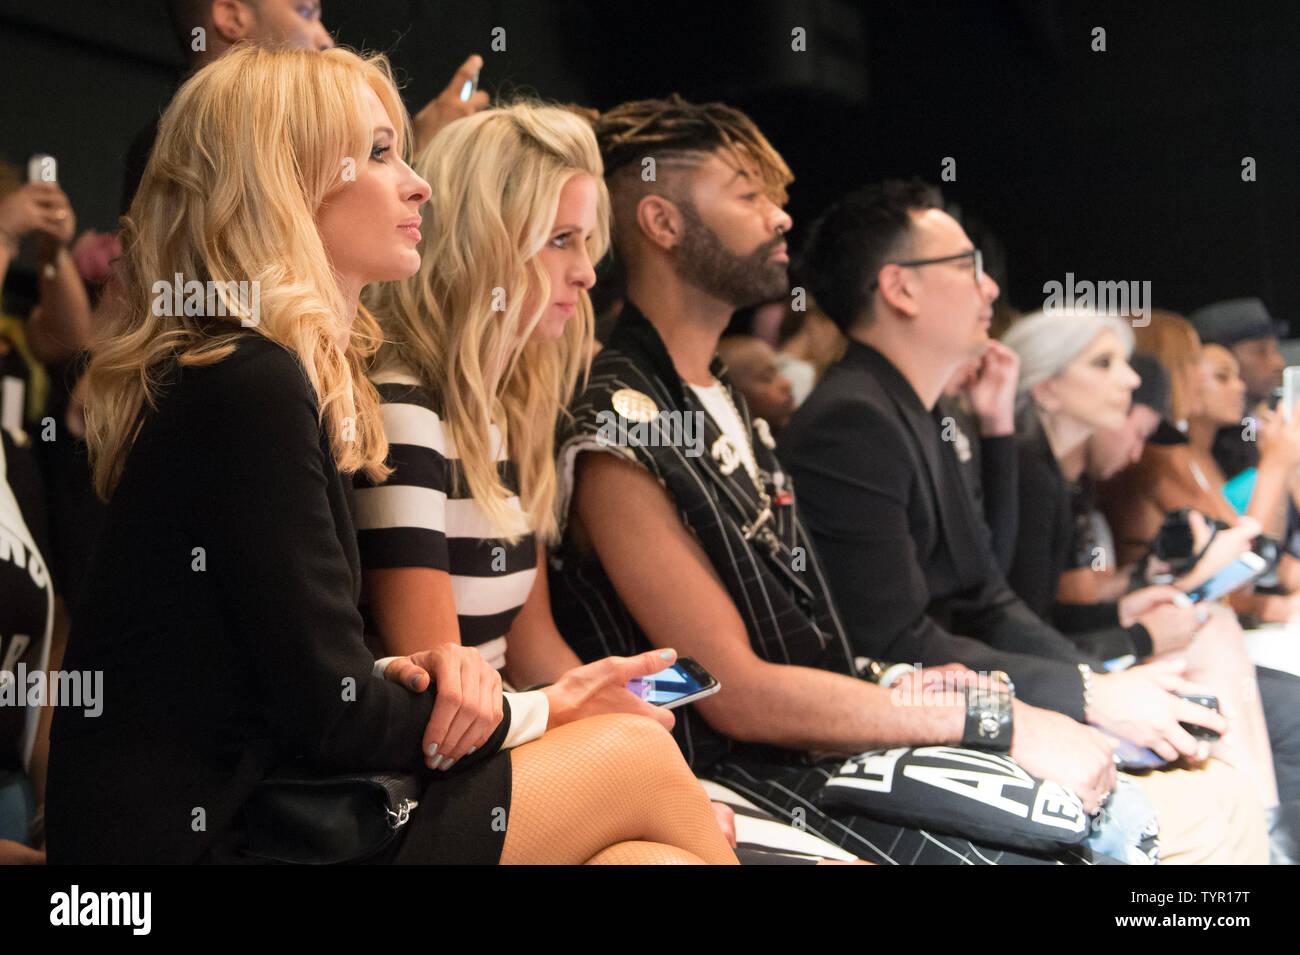 Paris y Nicky Hilton sentarse en la fila delantera del Michael Costello Fashion Show durante la Semana de la Moda de Nueva York colecciones Primavera/Verano 2016 en la Ciudad de Nueva York el 15 de septiembre de 2015. Foto por Andrea Hanks/UPI Foto de stock